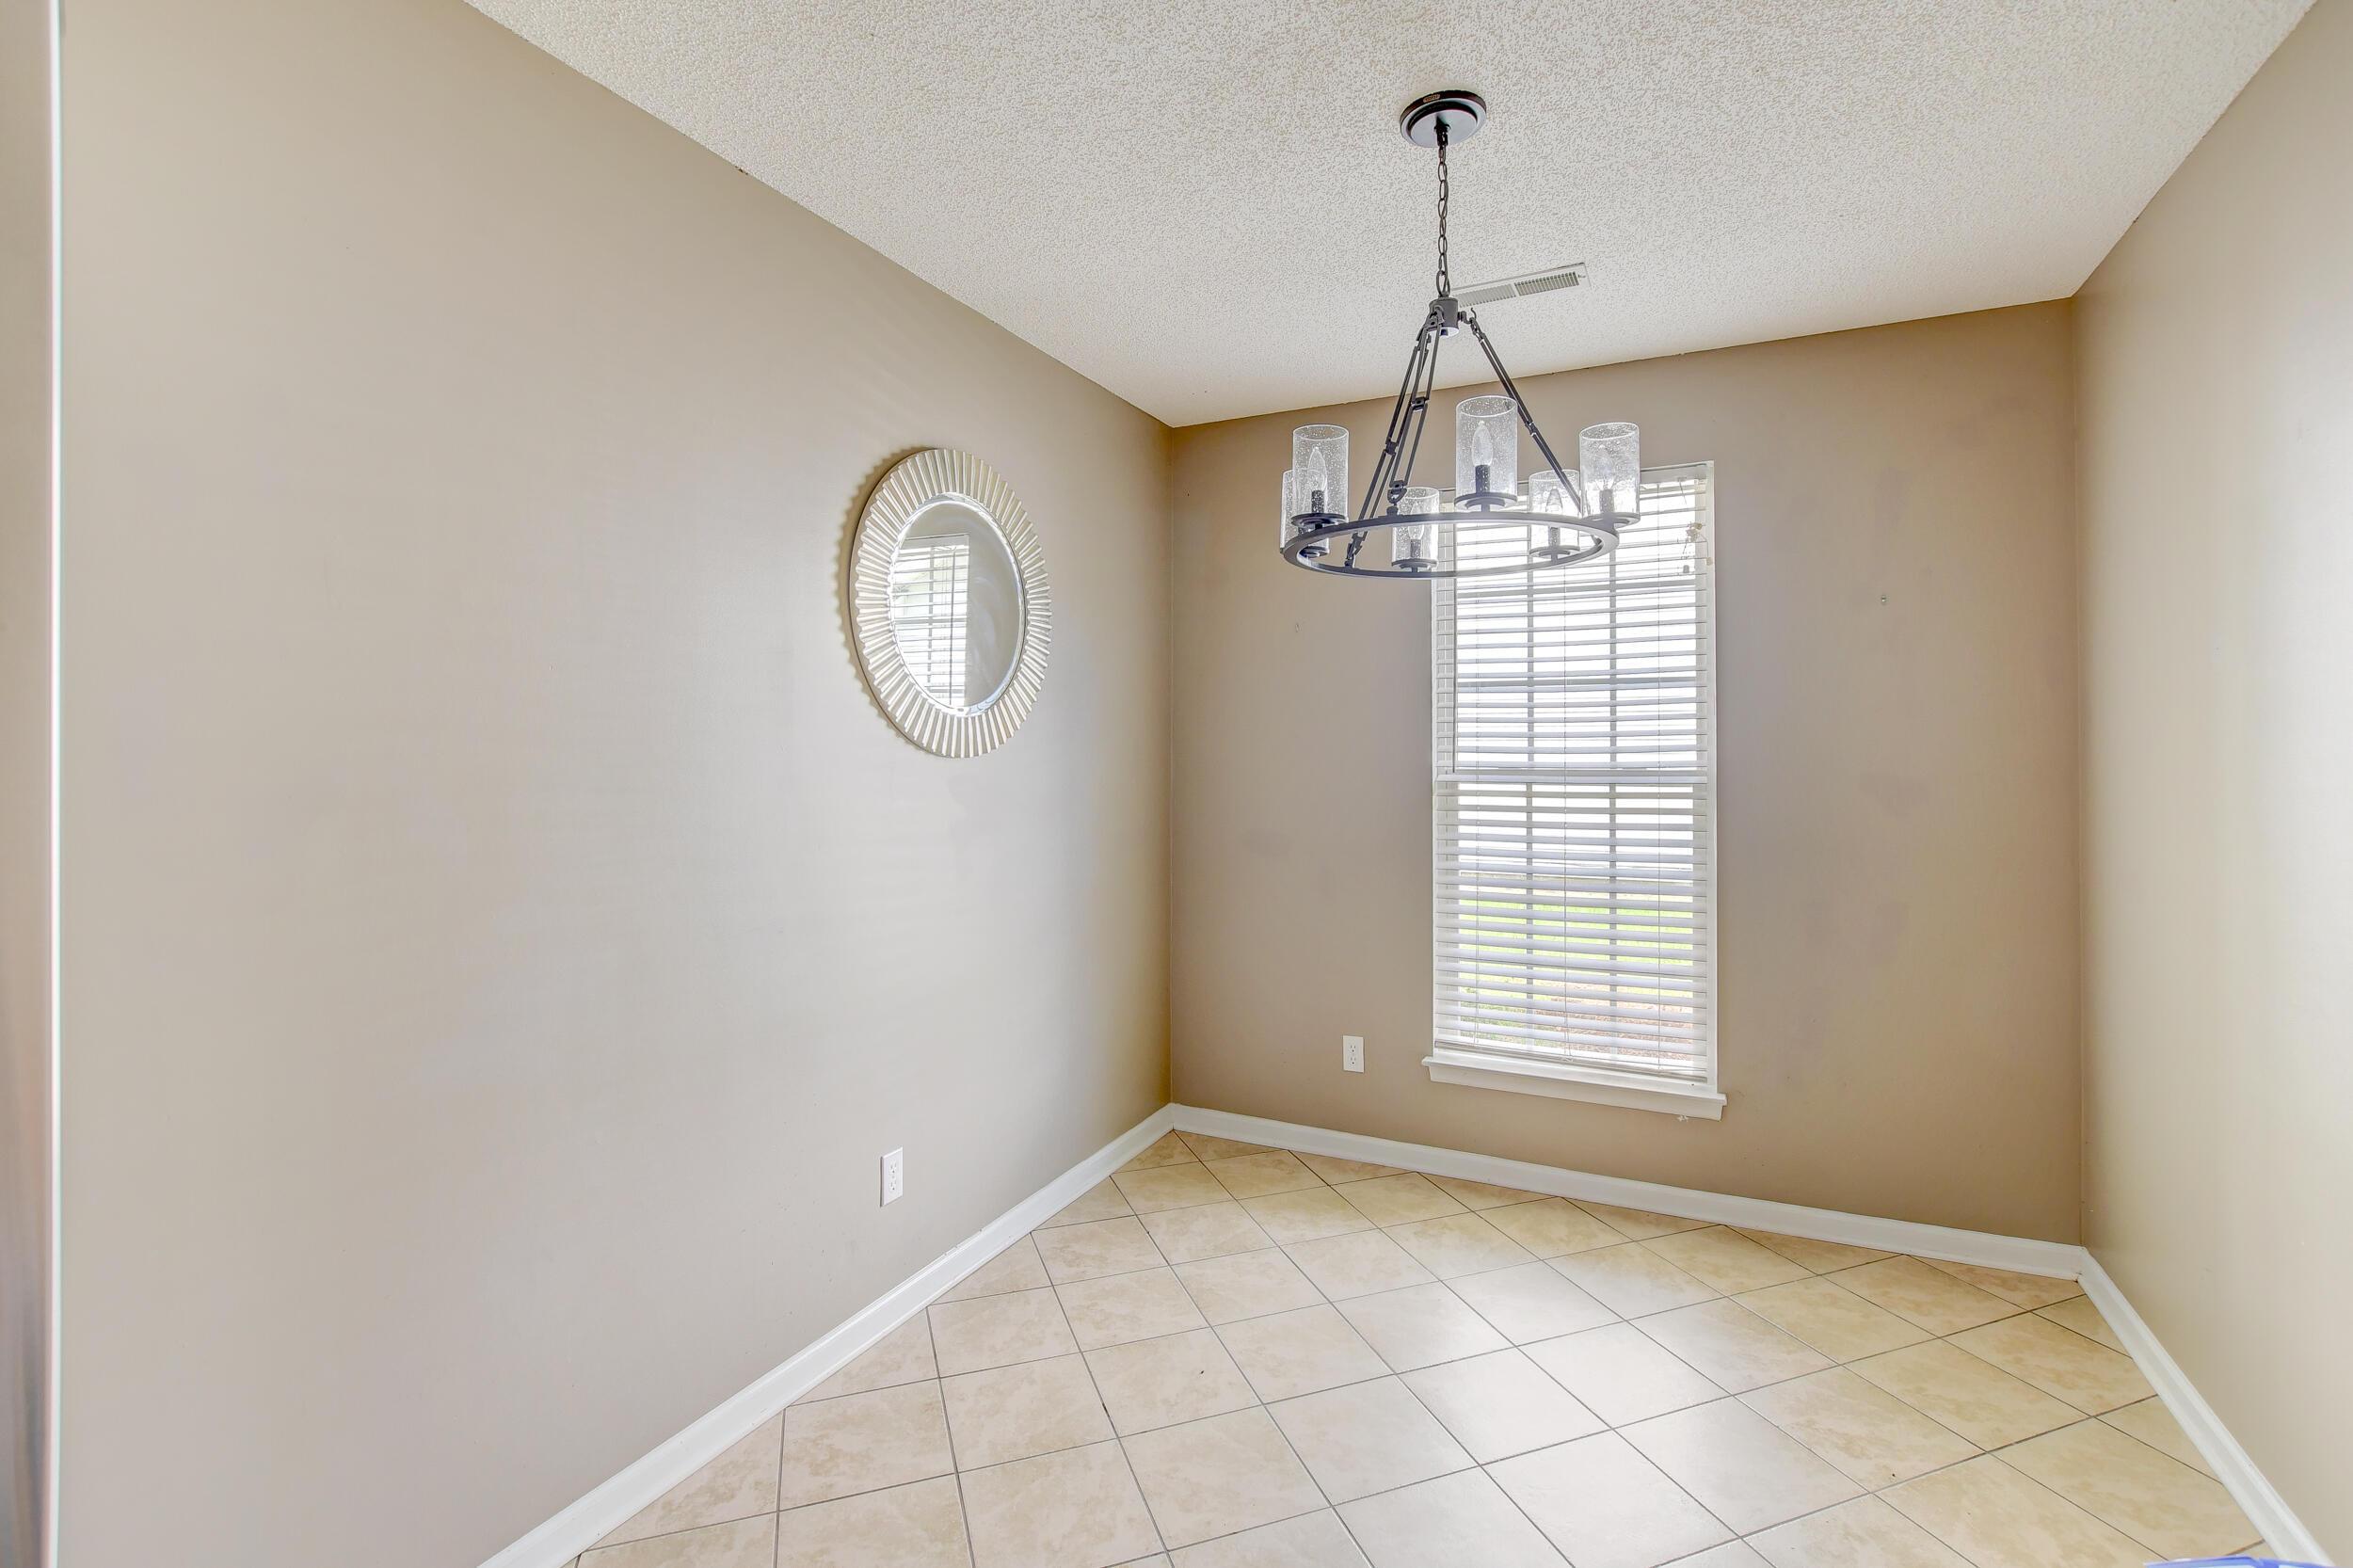 Crowfield Plantation Homes For Sale - 1010 Longview, Goose Creek, SC - 18